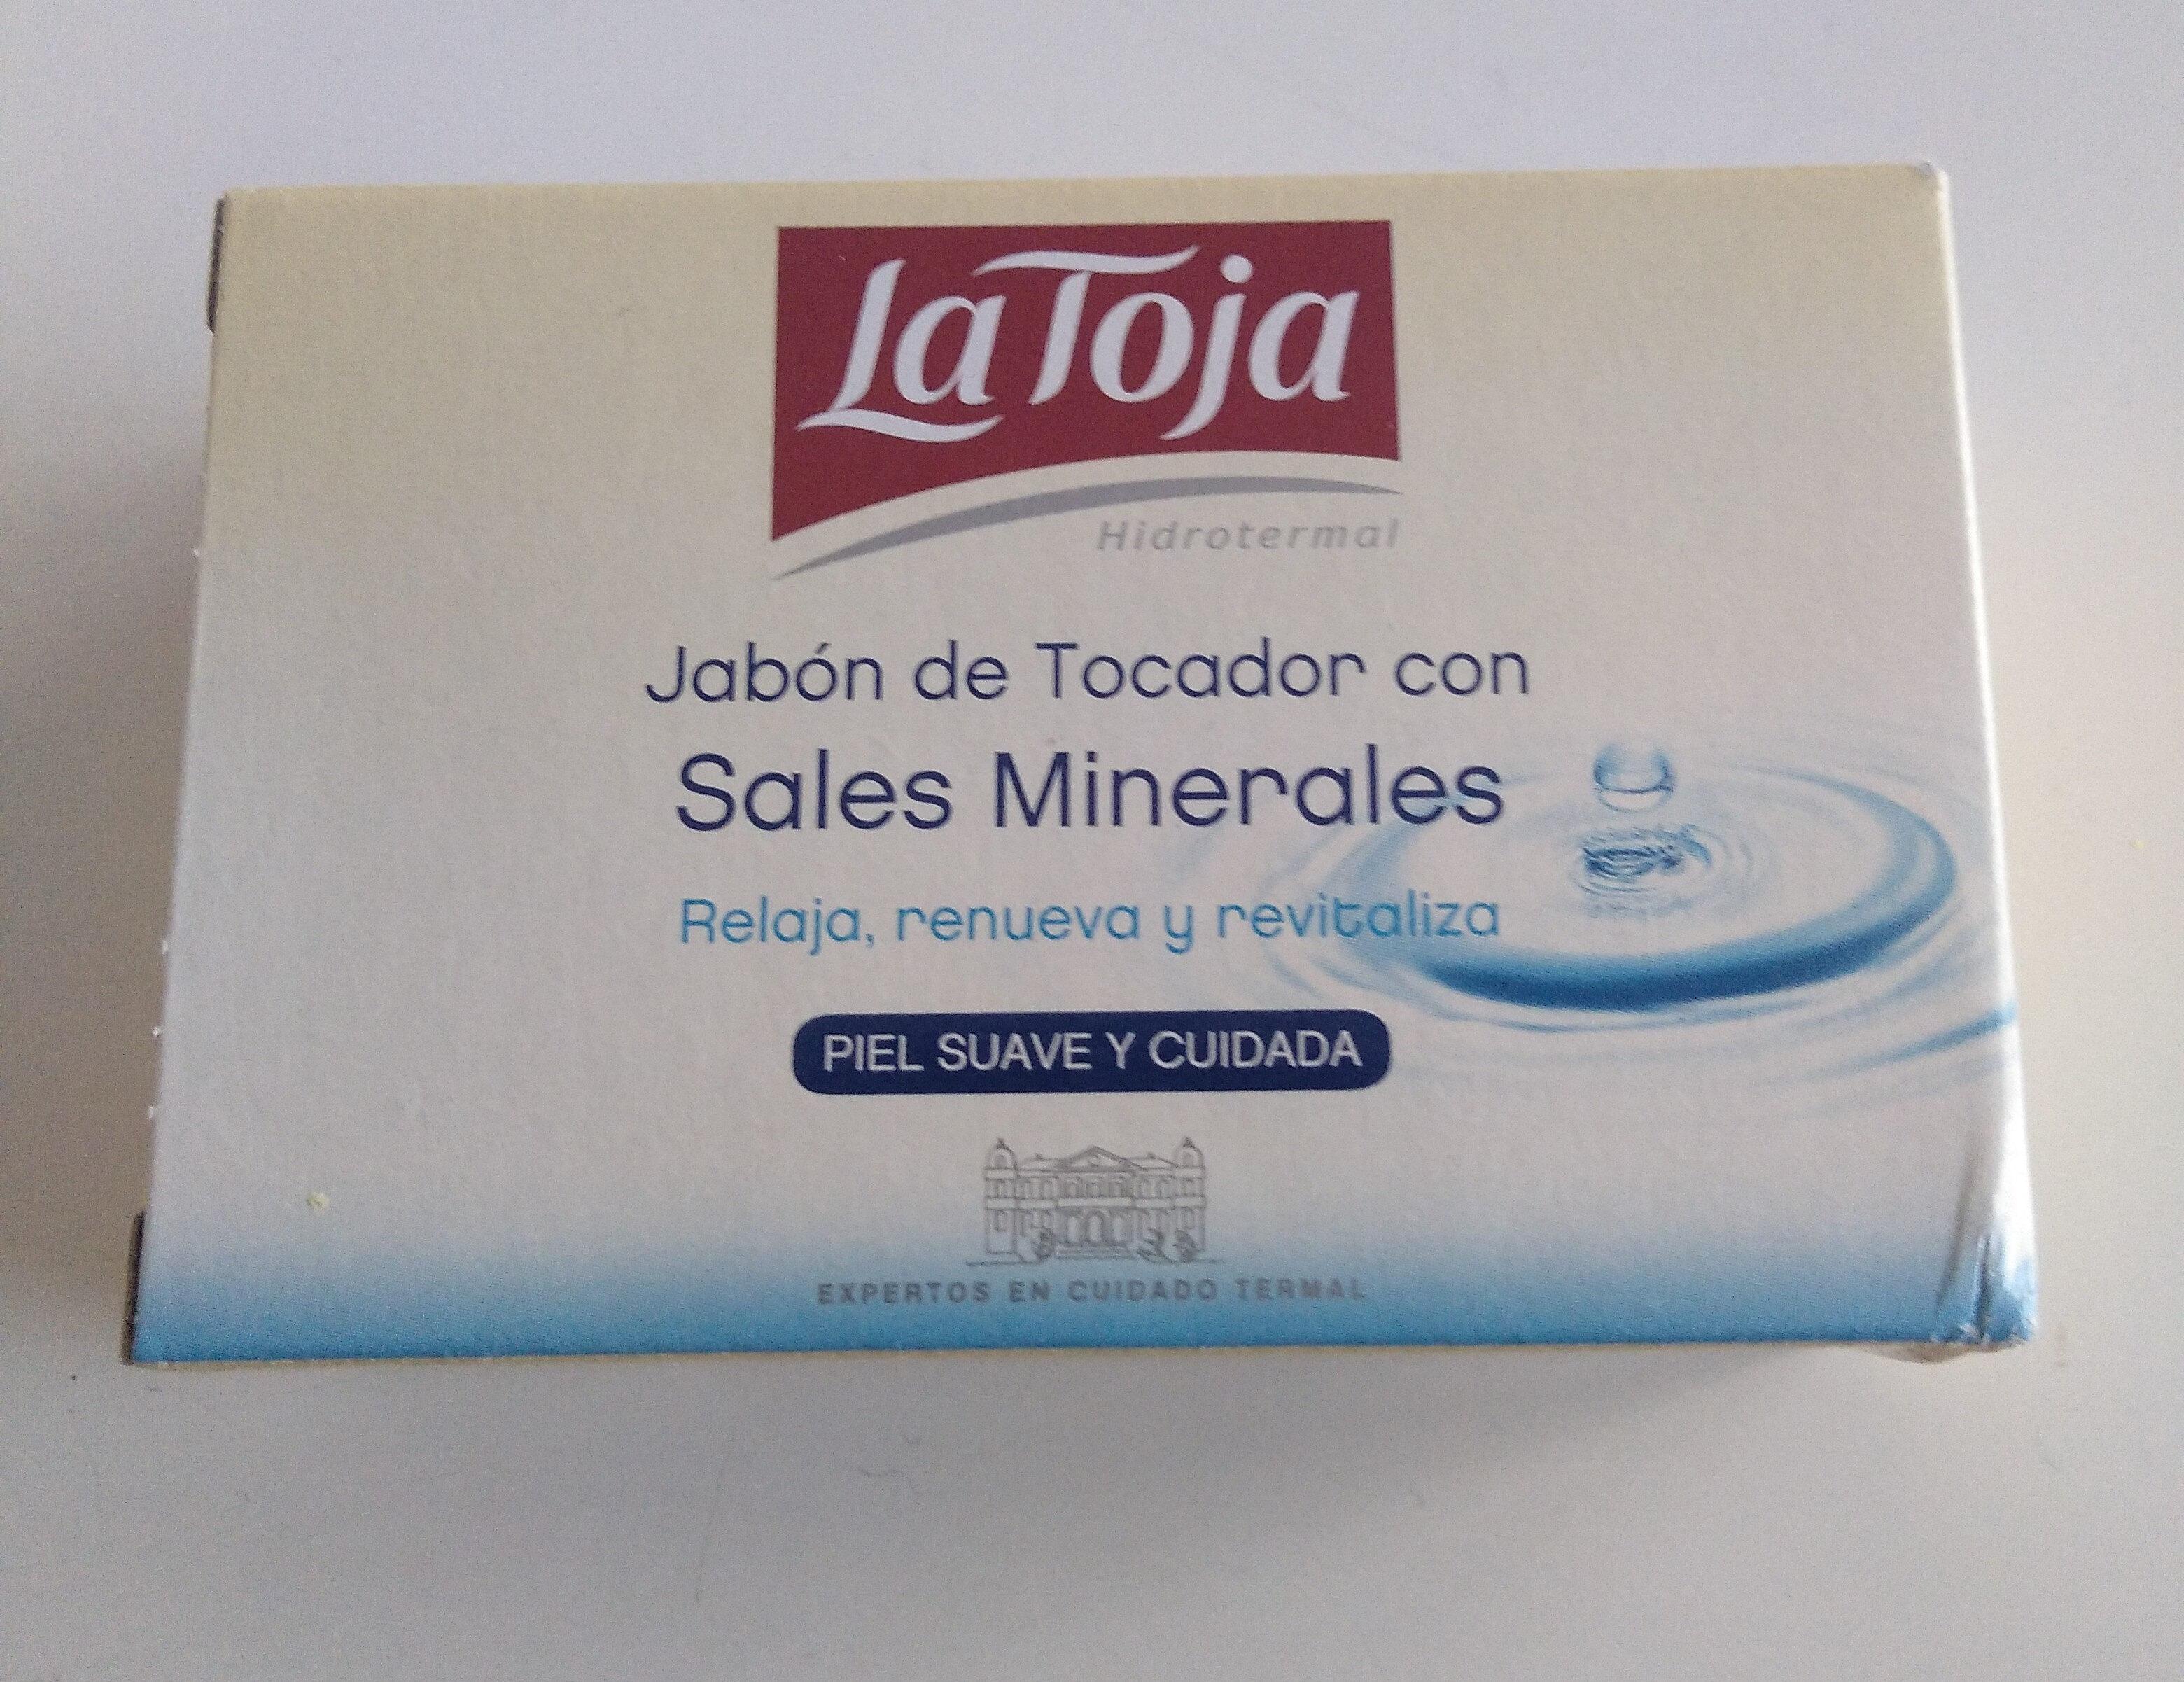 la Toja jabón de tocador con sales minerales - Product